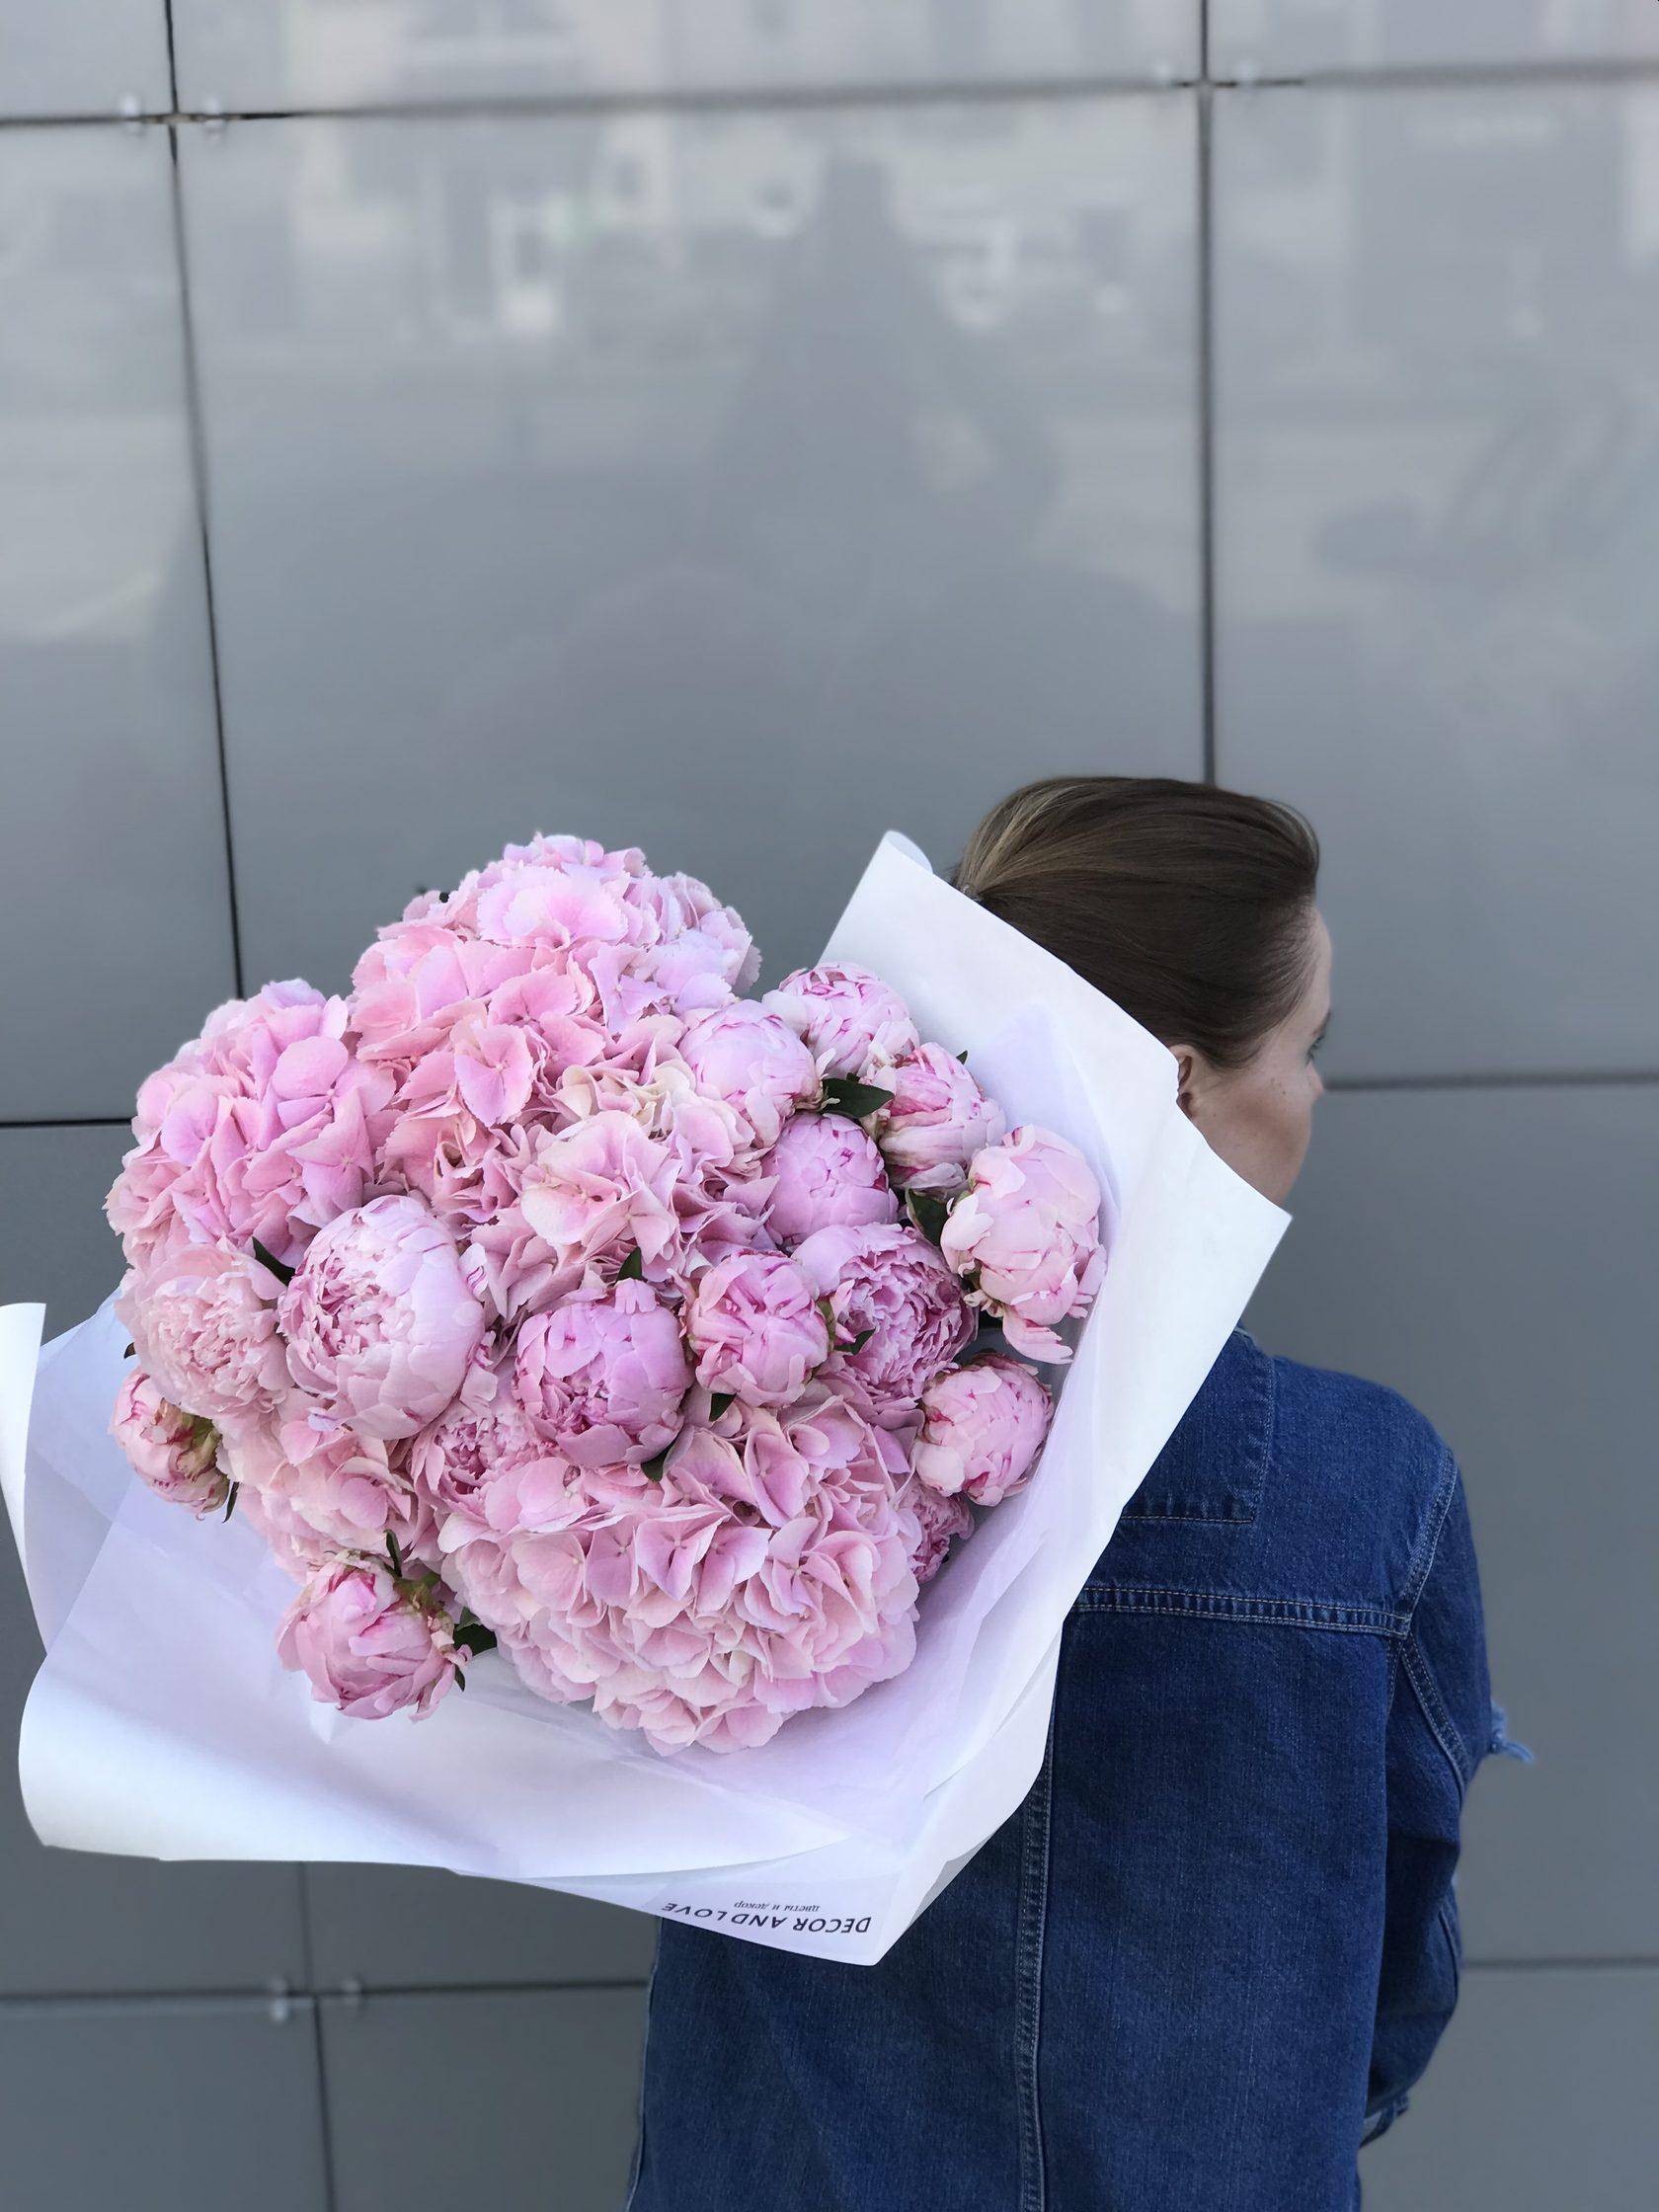 Заказать доставку цветов в минске с оплатой по интернету, незабудок бки